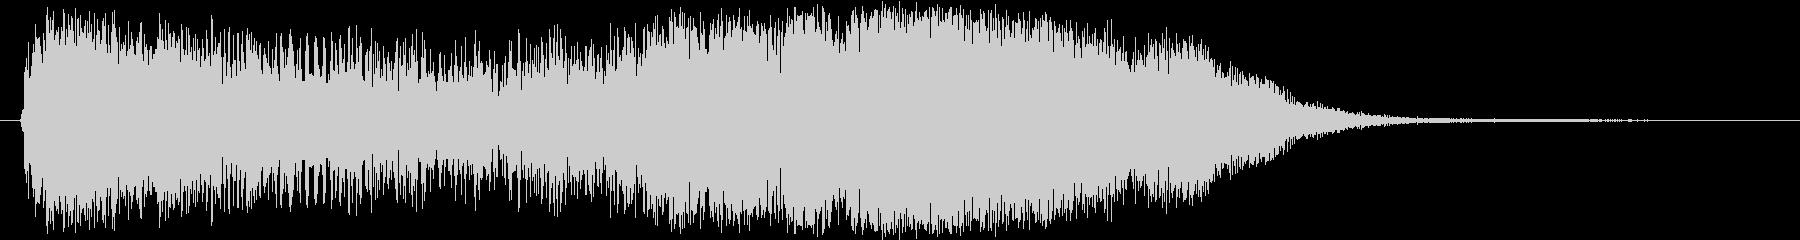 レベルアップっぽいファンファーレの未再生の波形